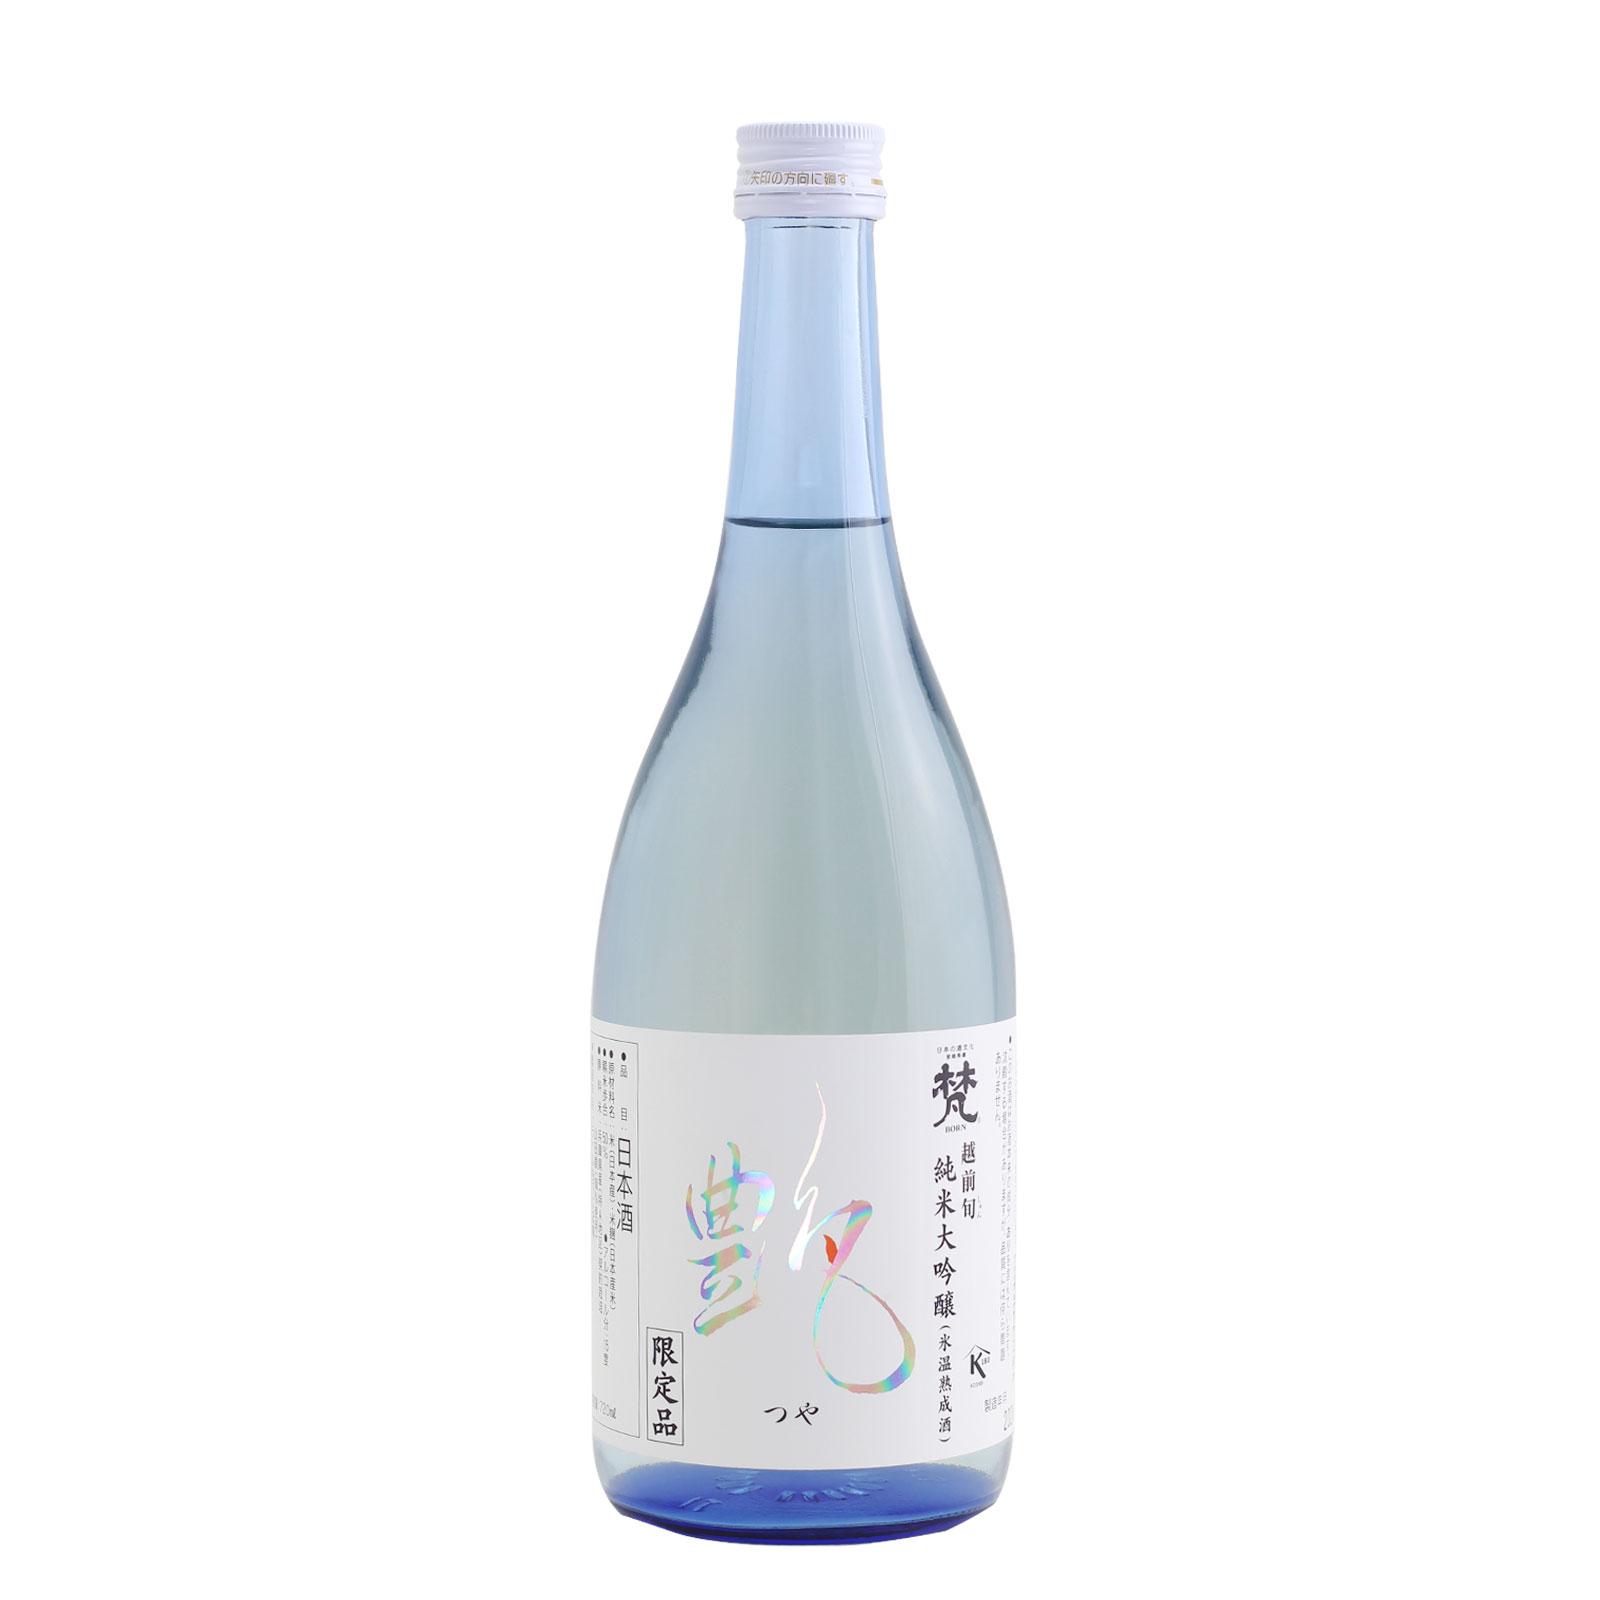 Born Tsuya Junmai Daiginjo 15% 720ml